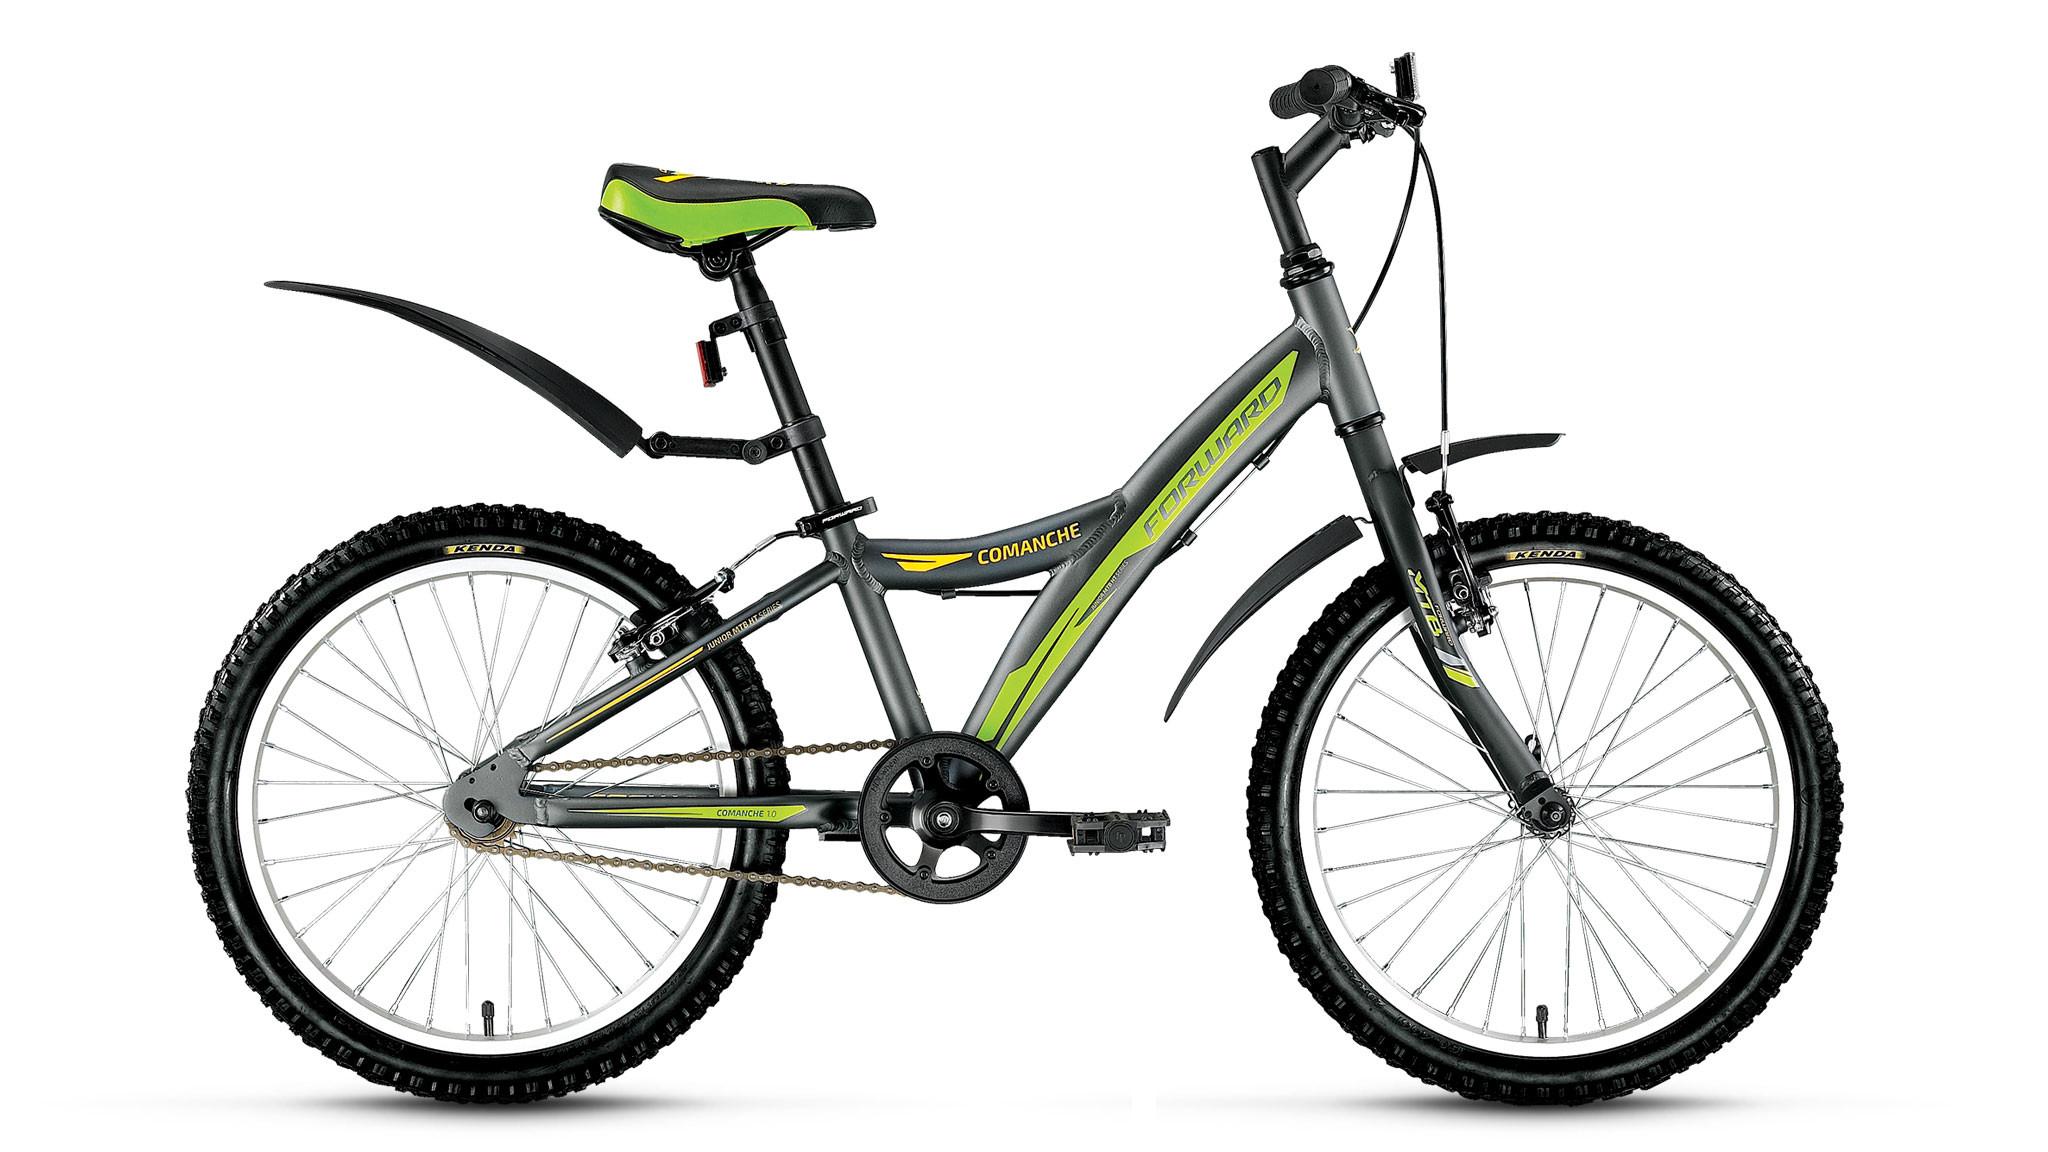 Детский велосипед Forward Comanche 1.0 2018 серый матовый